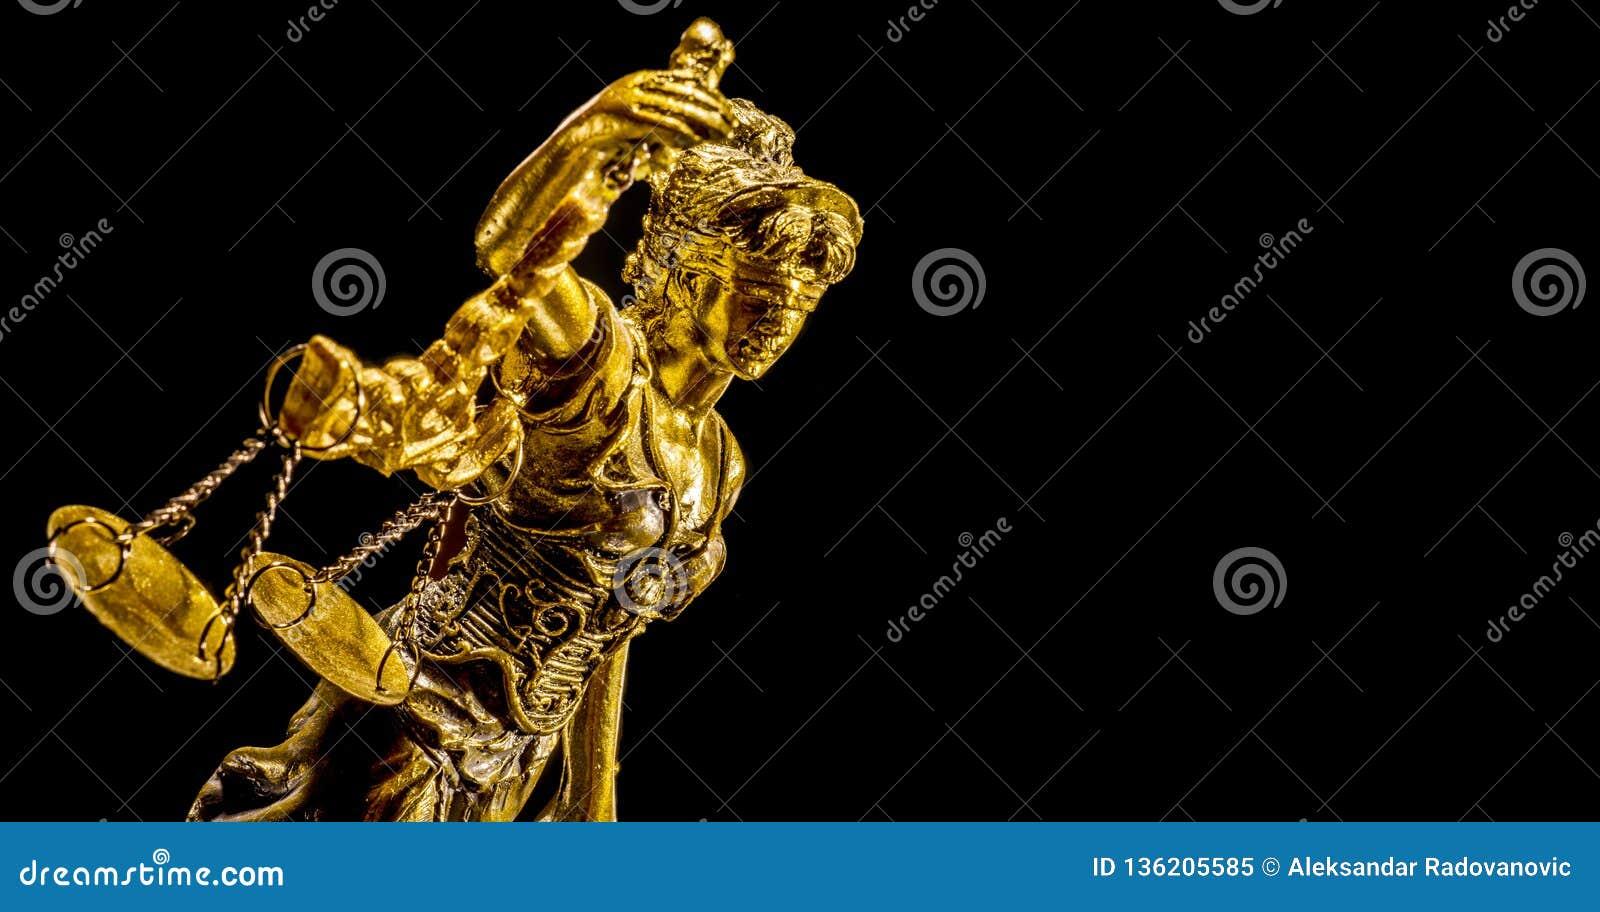 Χρυσό άγαλμα της κυρίας δικαιοσύνη